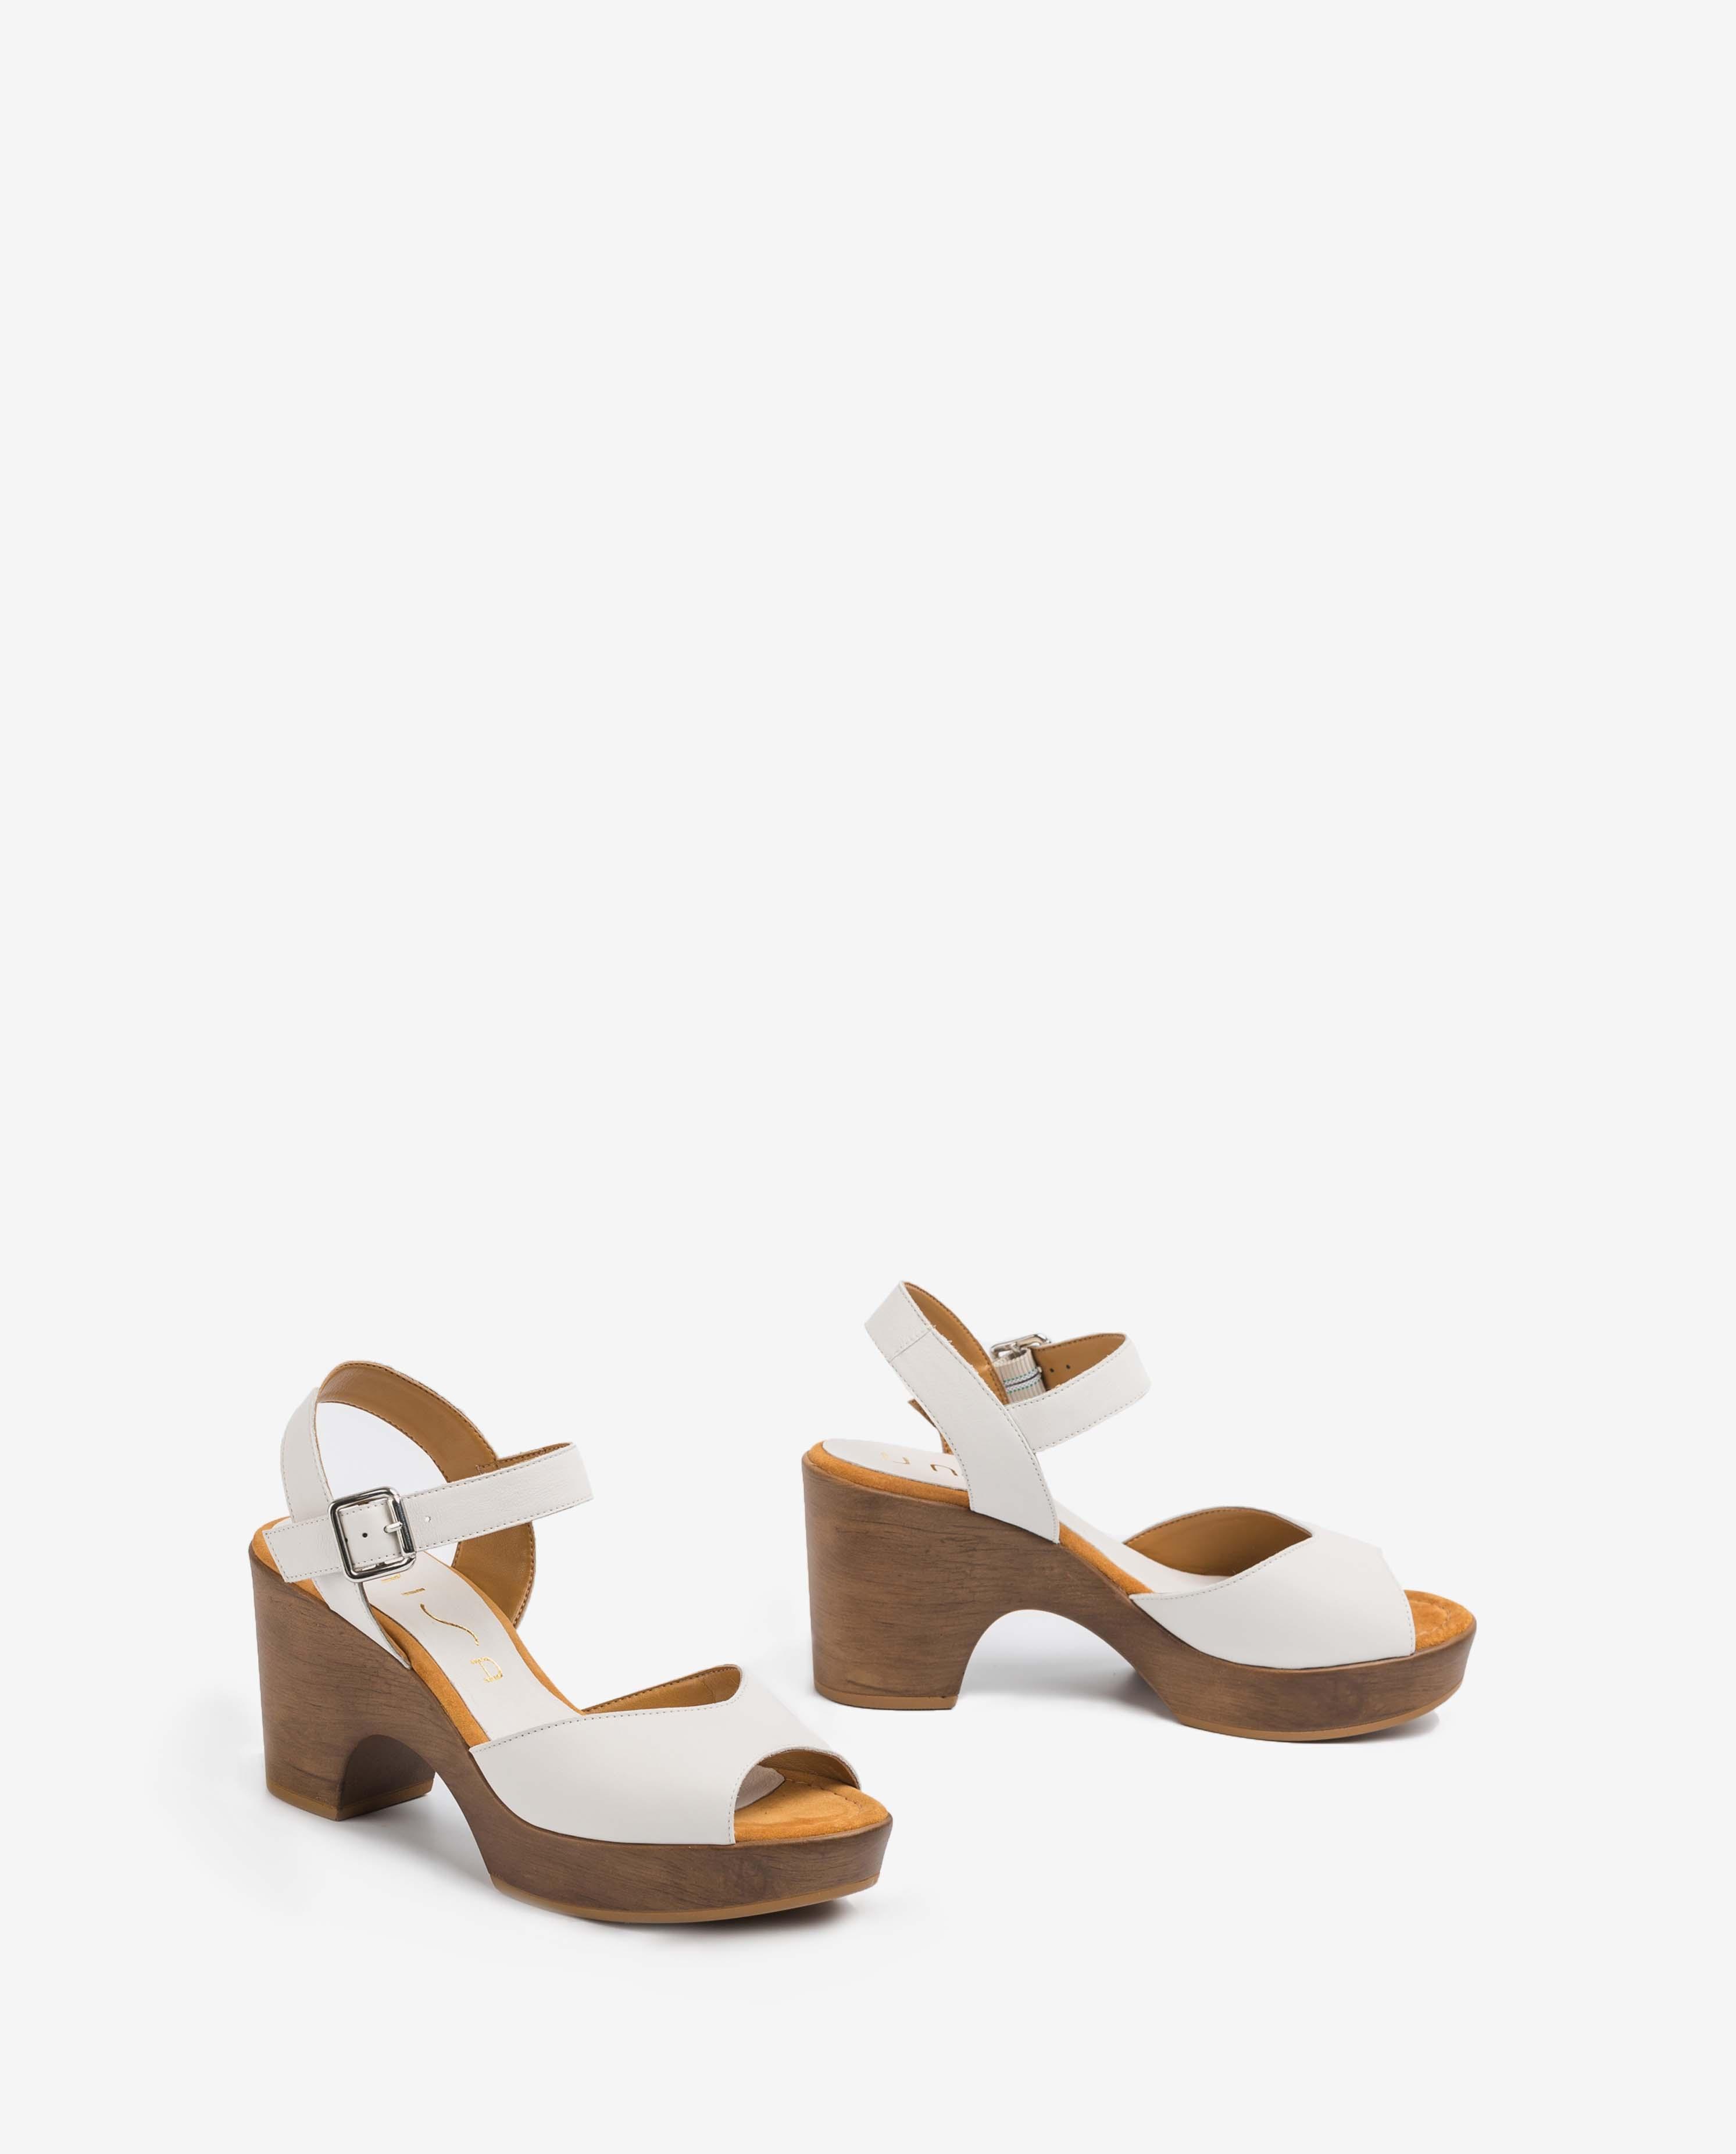 UNISA White leather sandals OTTIS_STY ivory 2